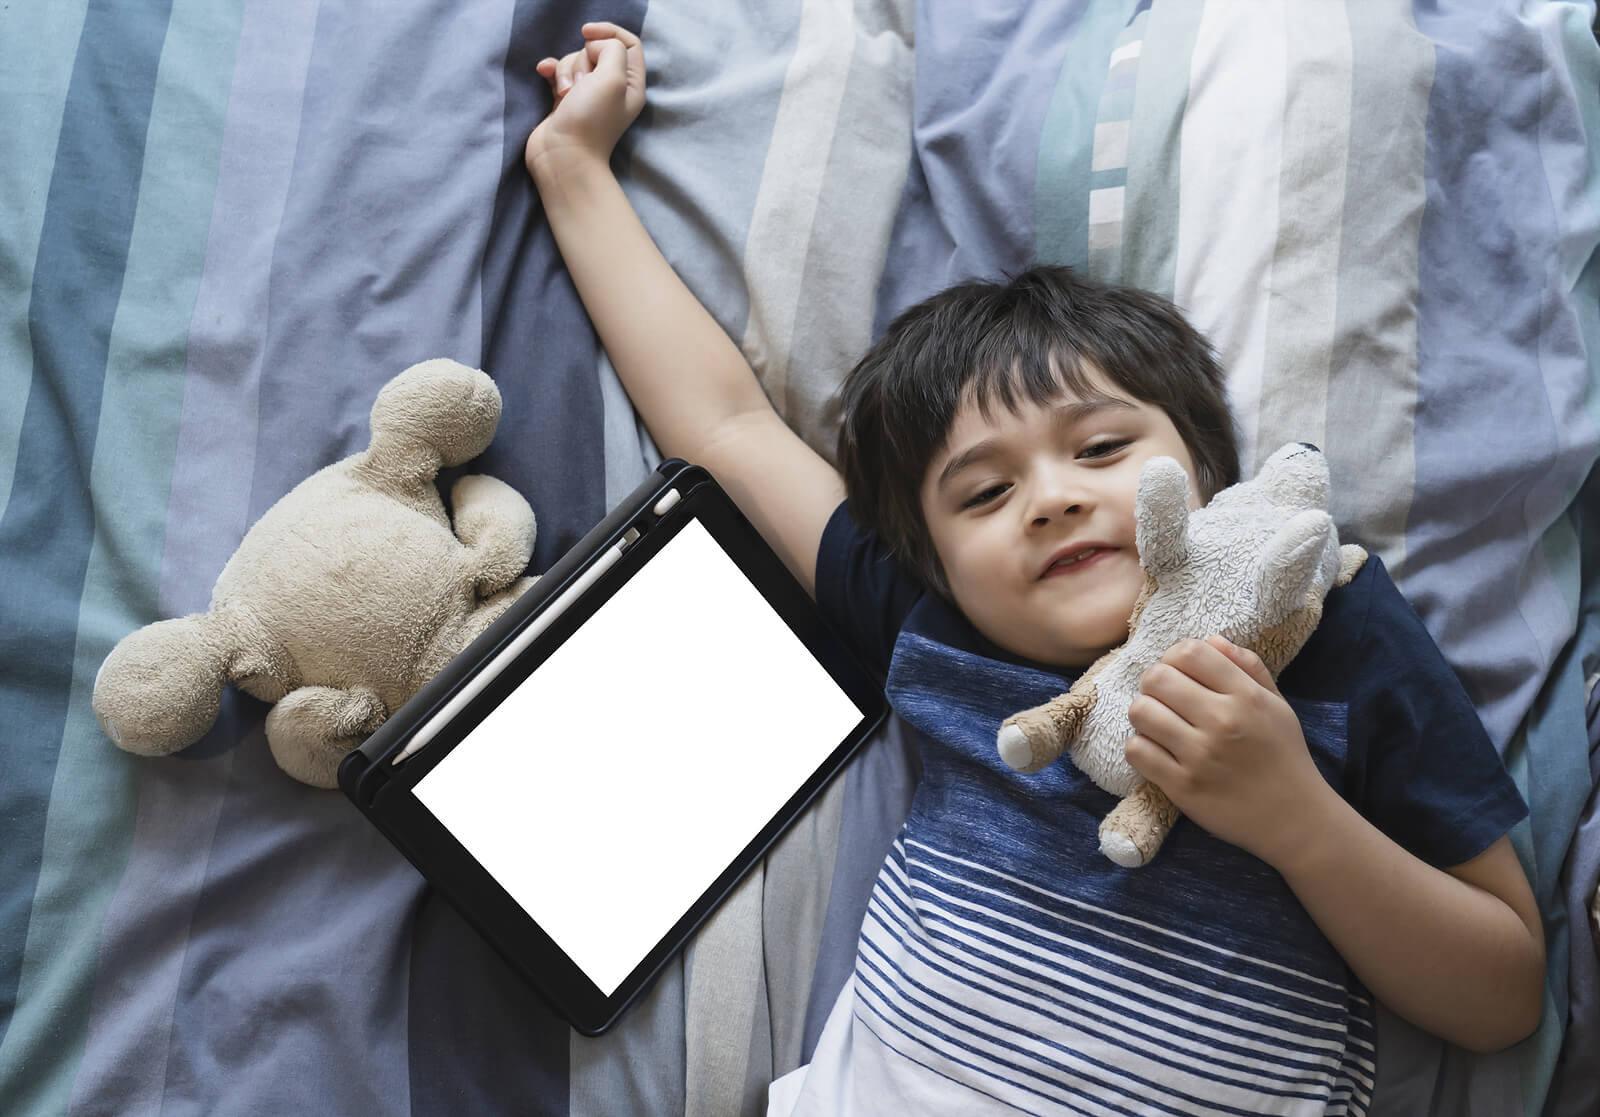 Niño usando una tablet antes de dormir, uno de los errores que cometemos al acostar al niño.